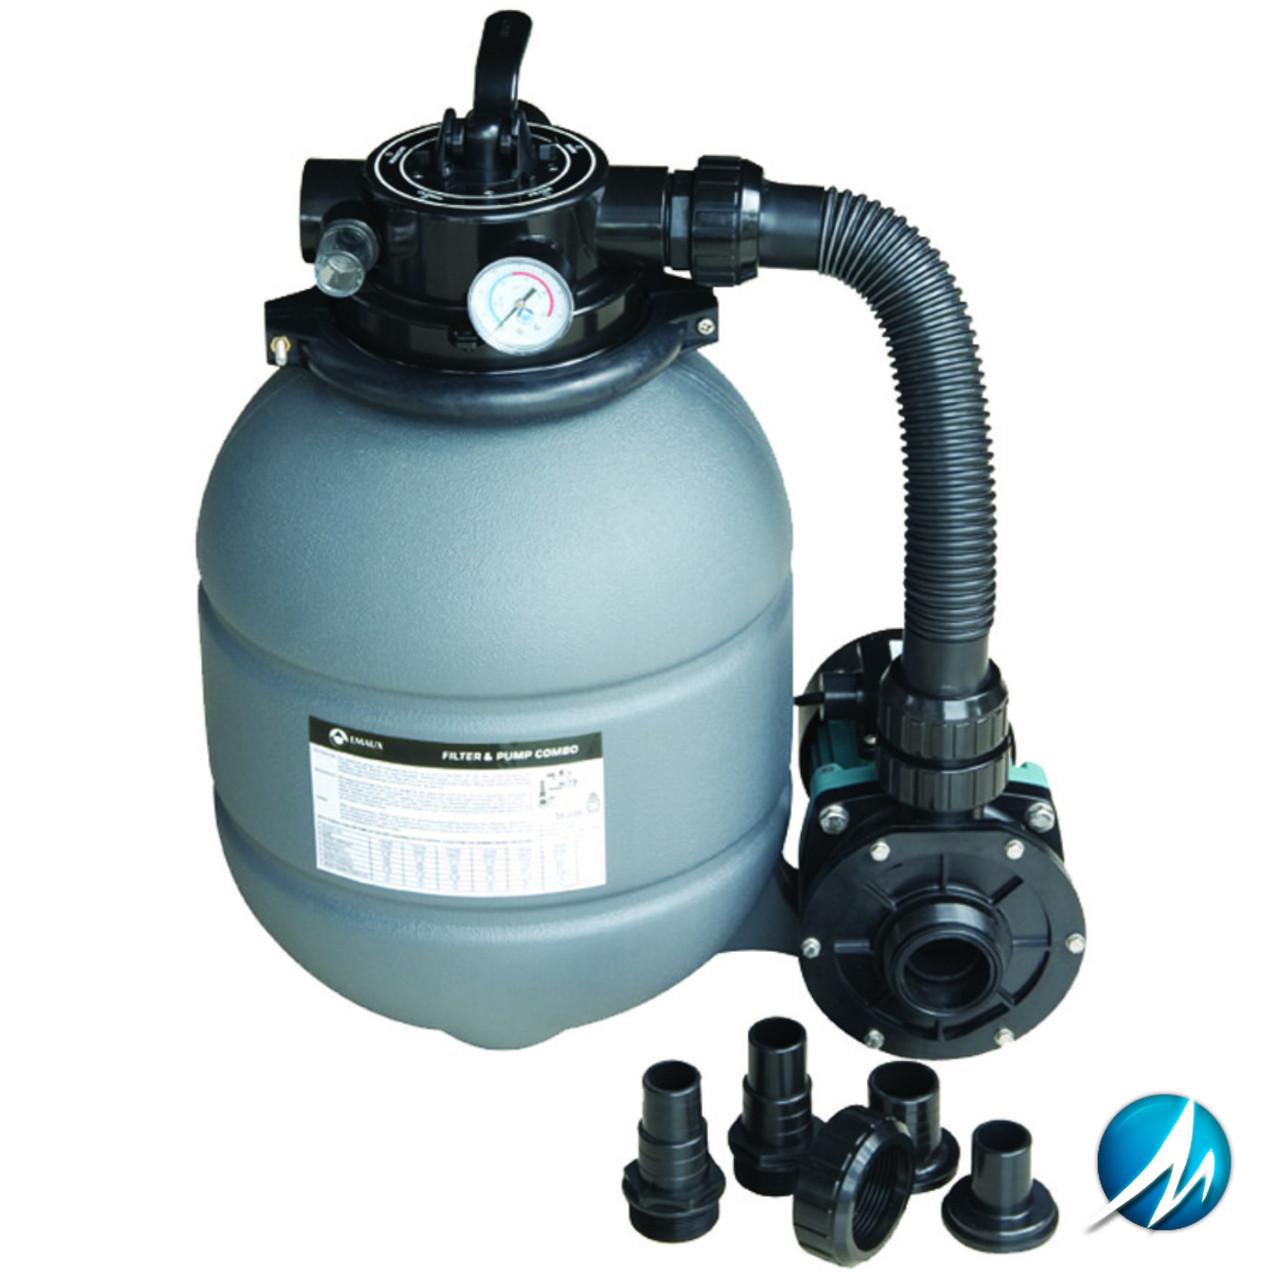 Фильтрационная установка Emaux FSP300-ST33 (4 м3/ч, D300)